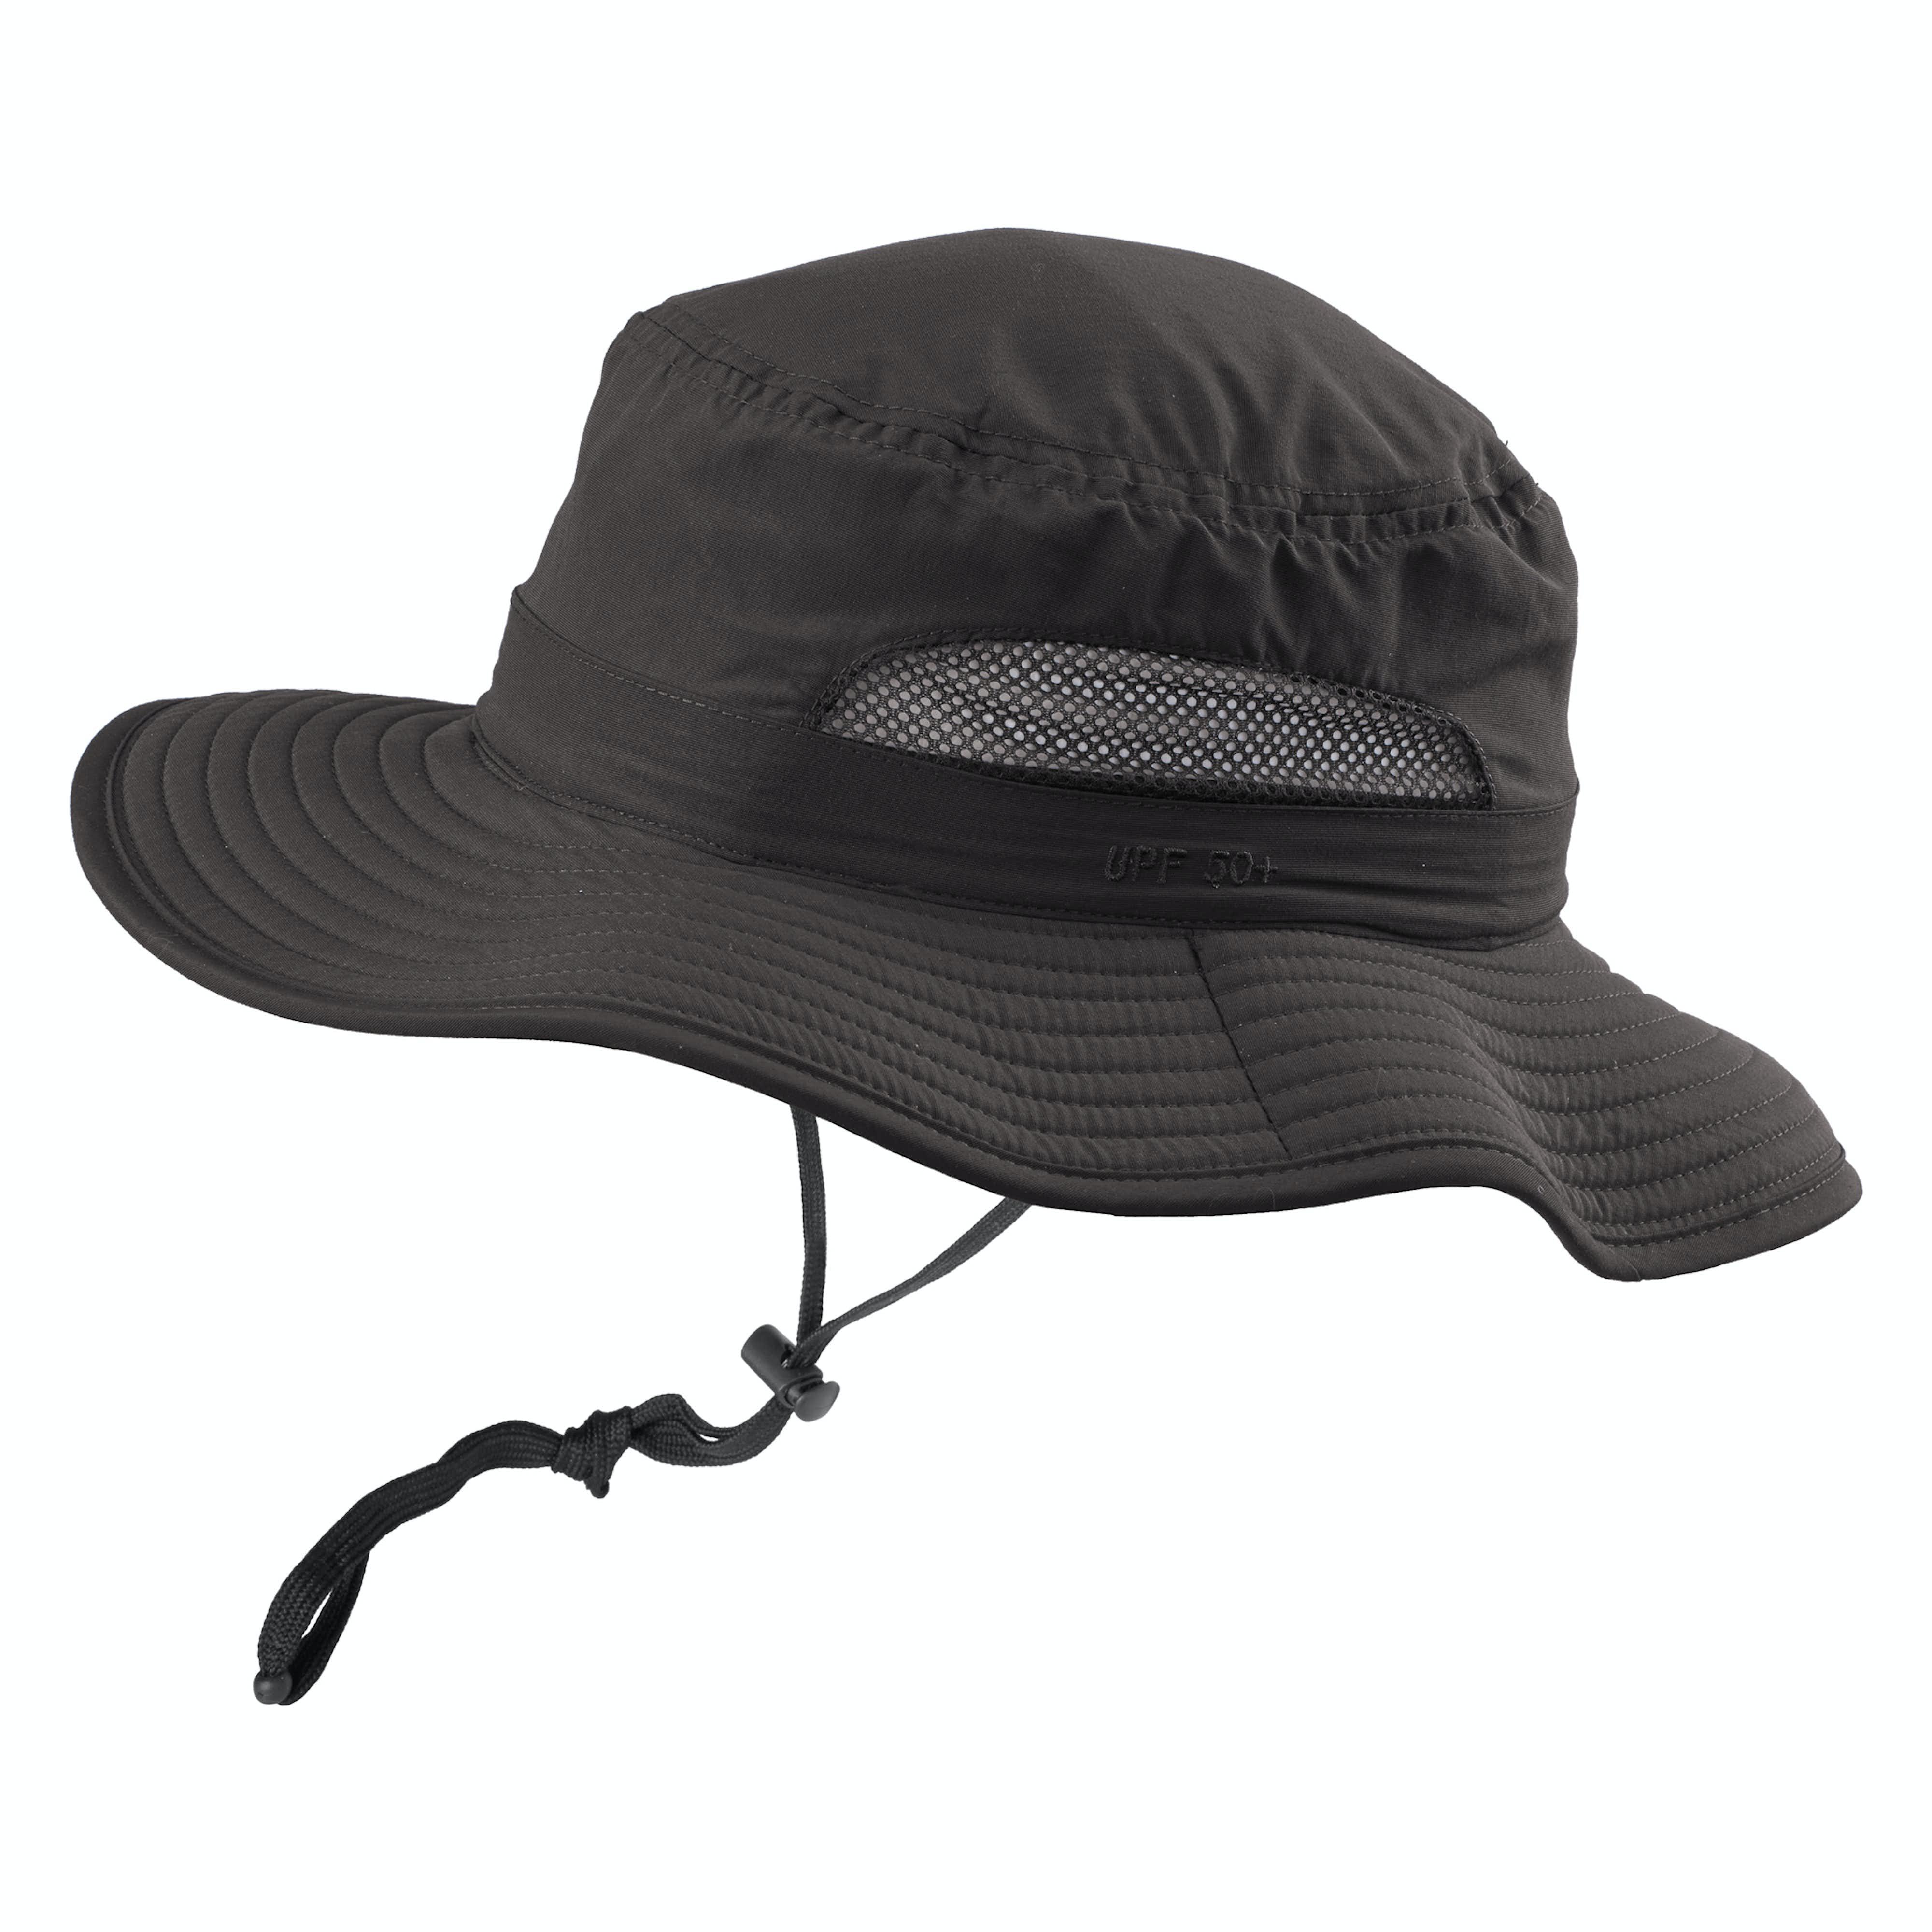 buzzGUARD Unisex Wide Brim Hat - Desert 960559f541c